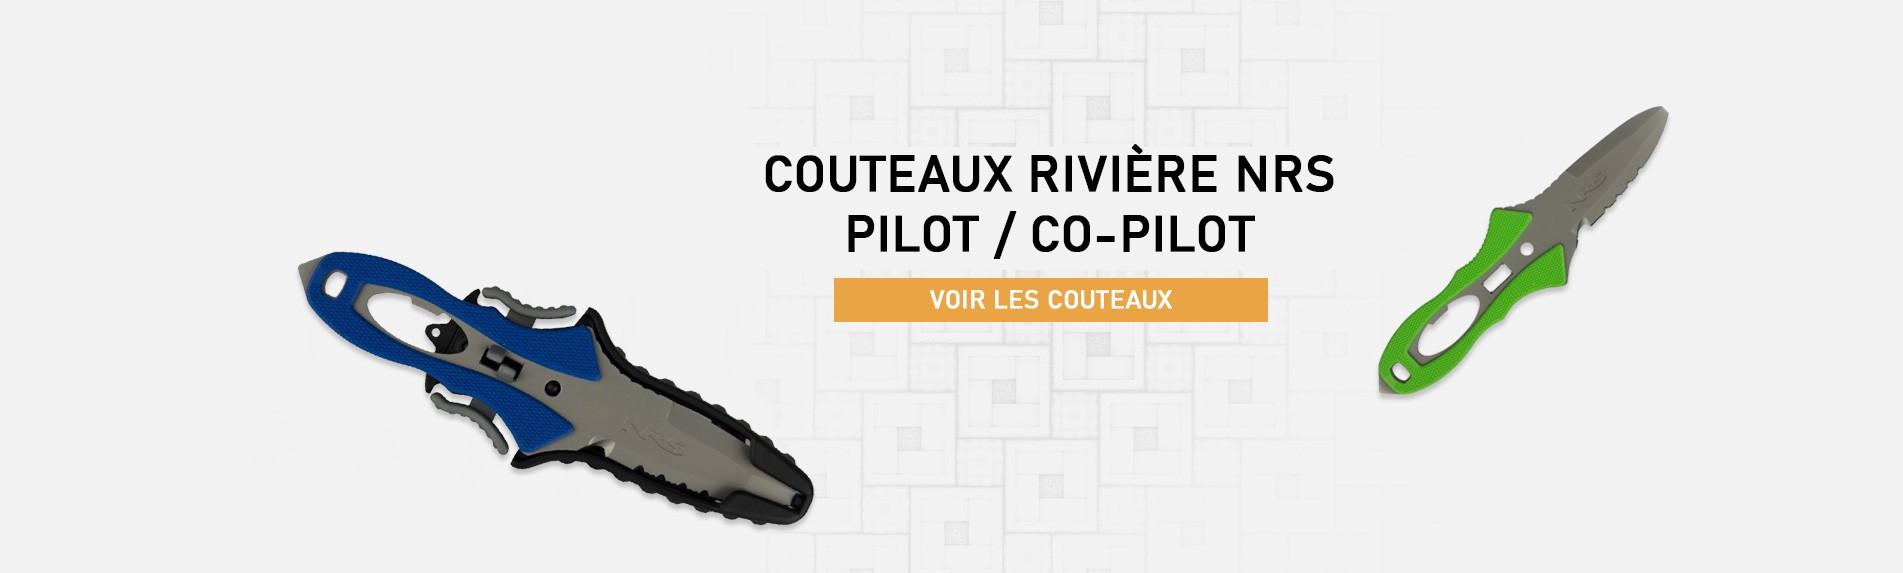 Couteaux NRS - Pilot & Co-pilot